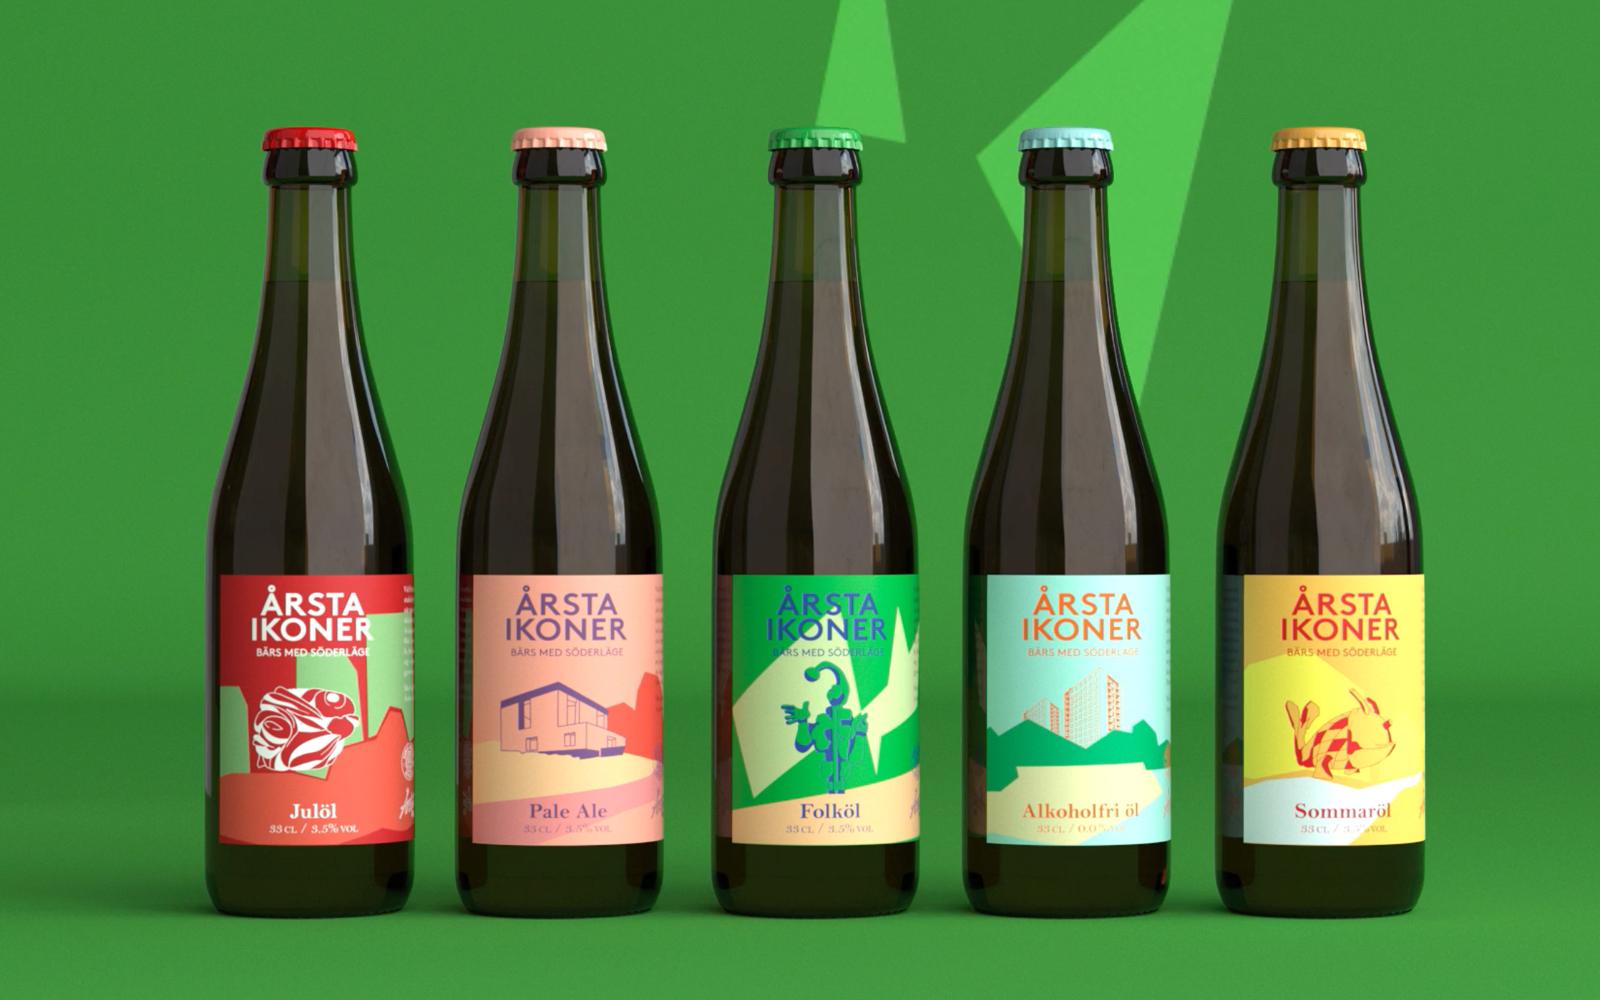 De olika ölsorterna, med olika ikoniska vyer från Årsta på etiketten. Bild: Hummingbirds.